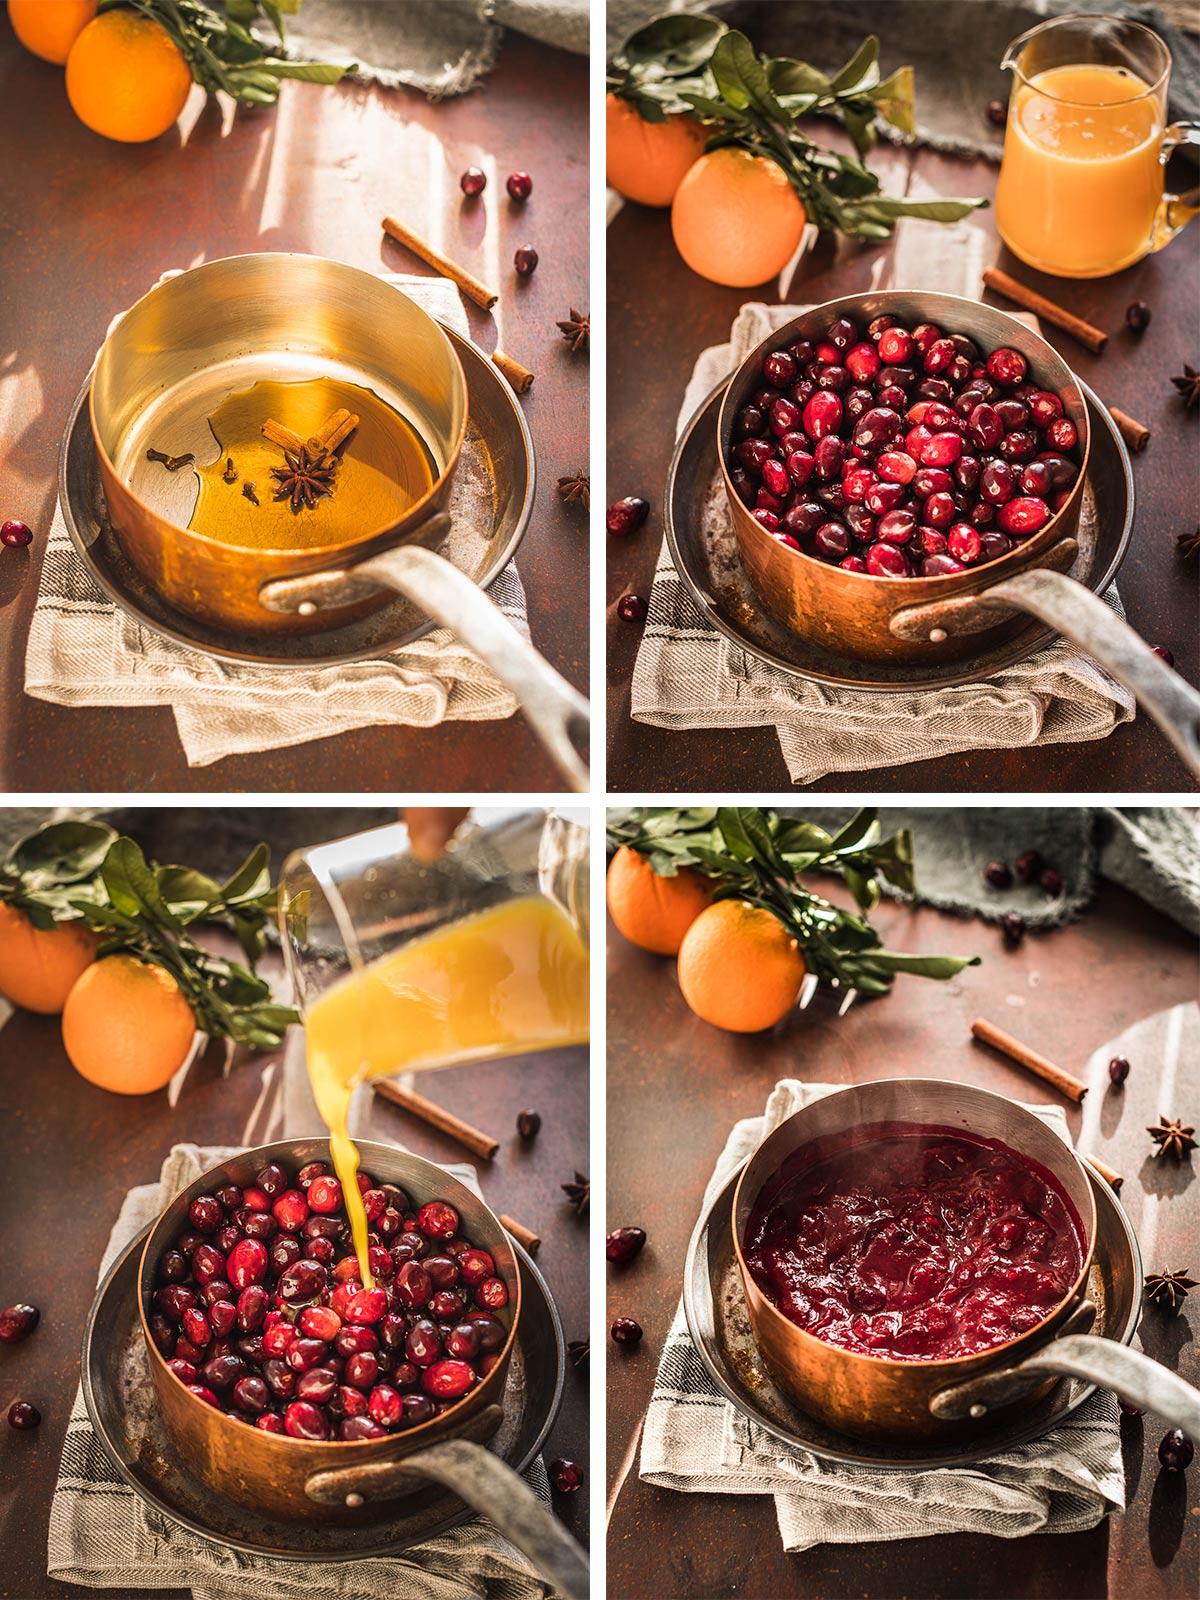 come fare la salsa di mirtilli rossi senza zucchero con sciroppo acero ricetta Natale how to make easy Maple Cranberry Sauce recipe Thanksgiving Christmas